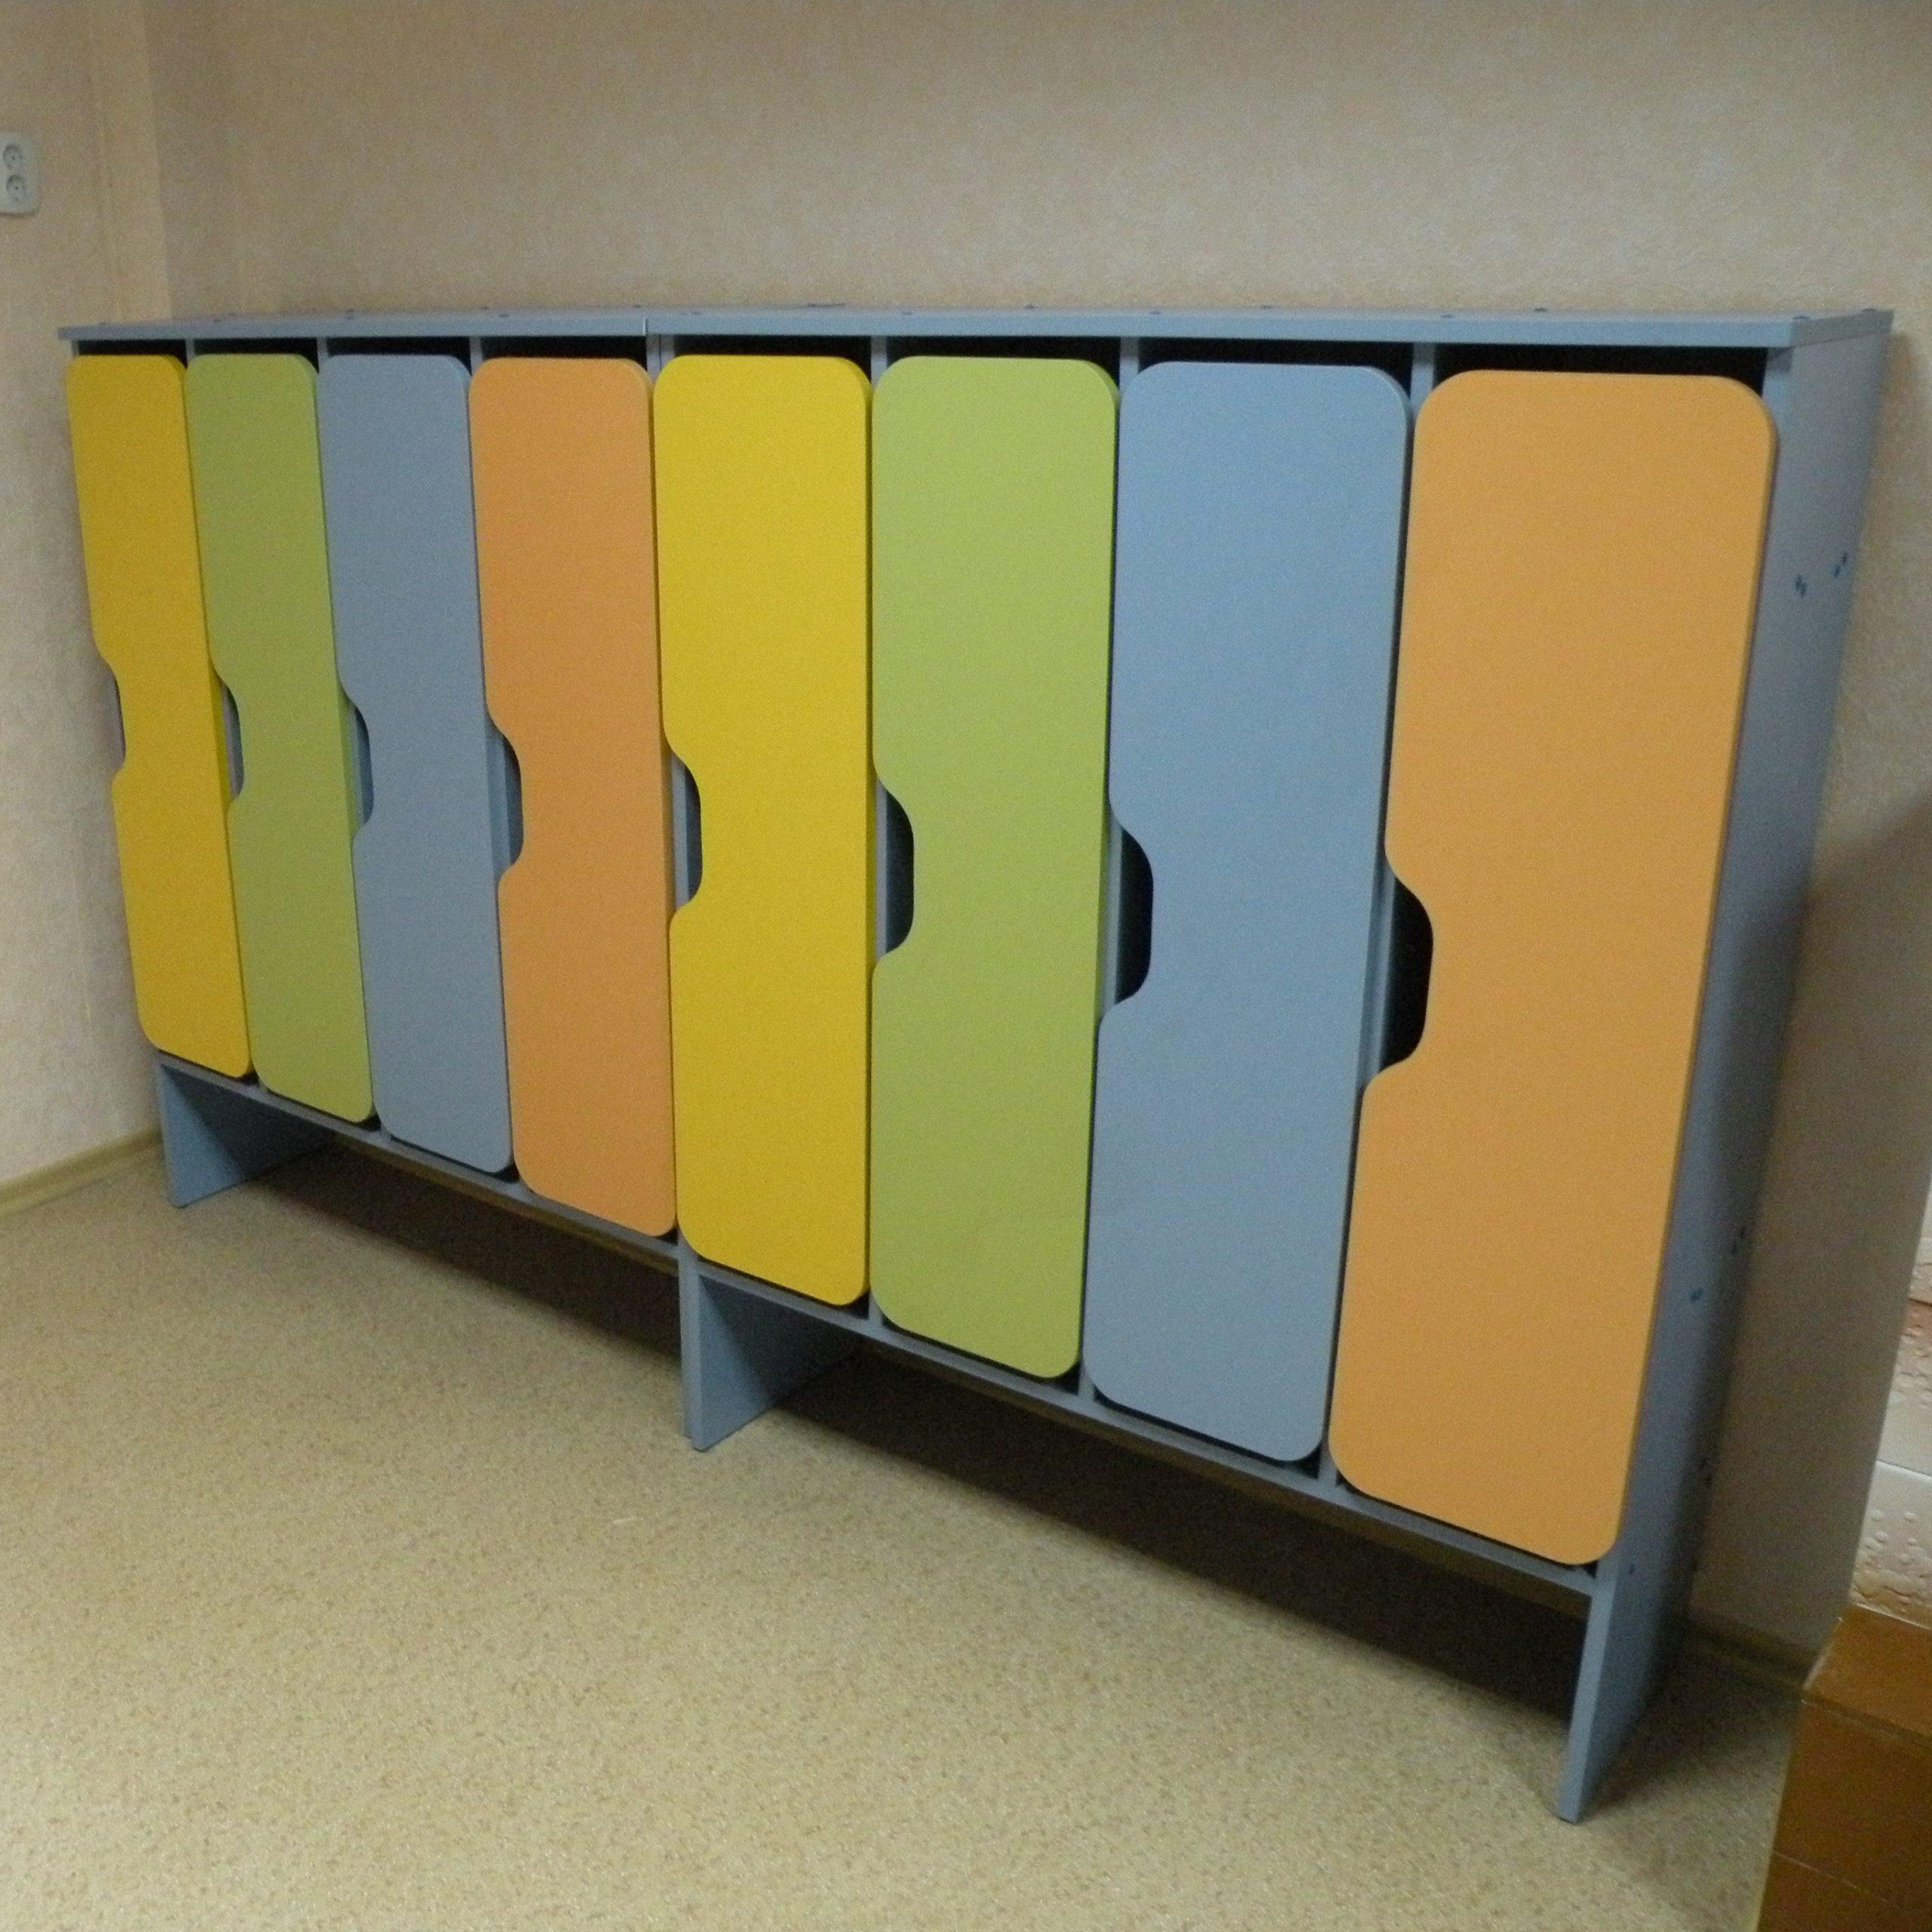 Шкаф для одежды в детском саду